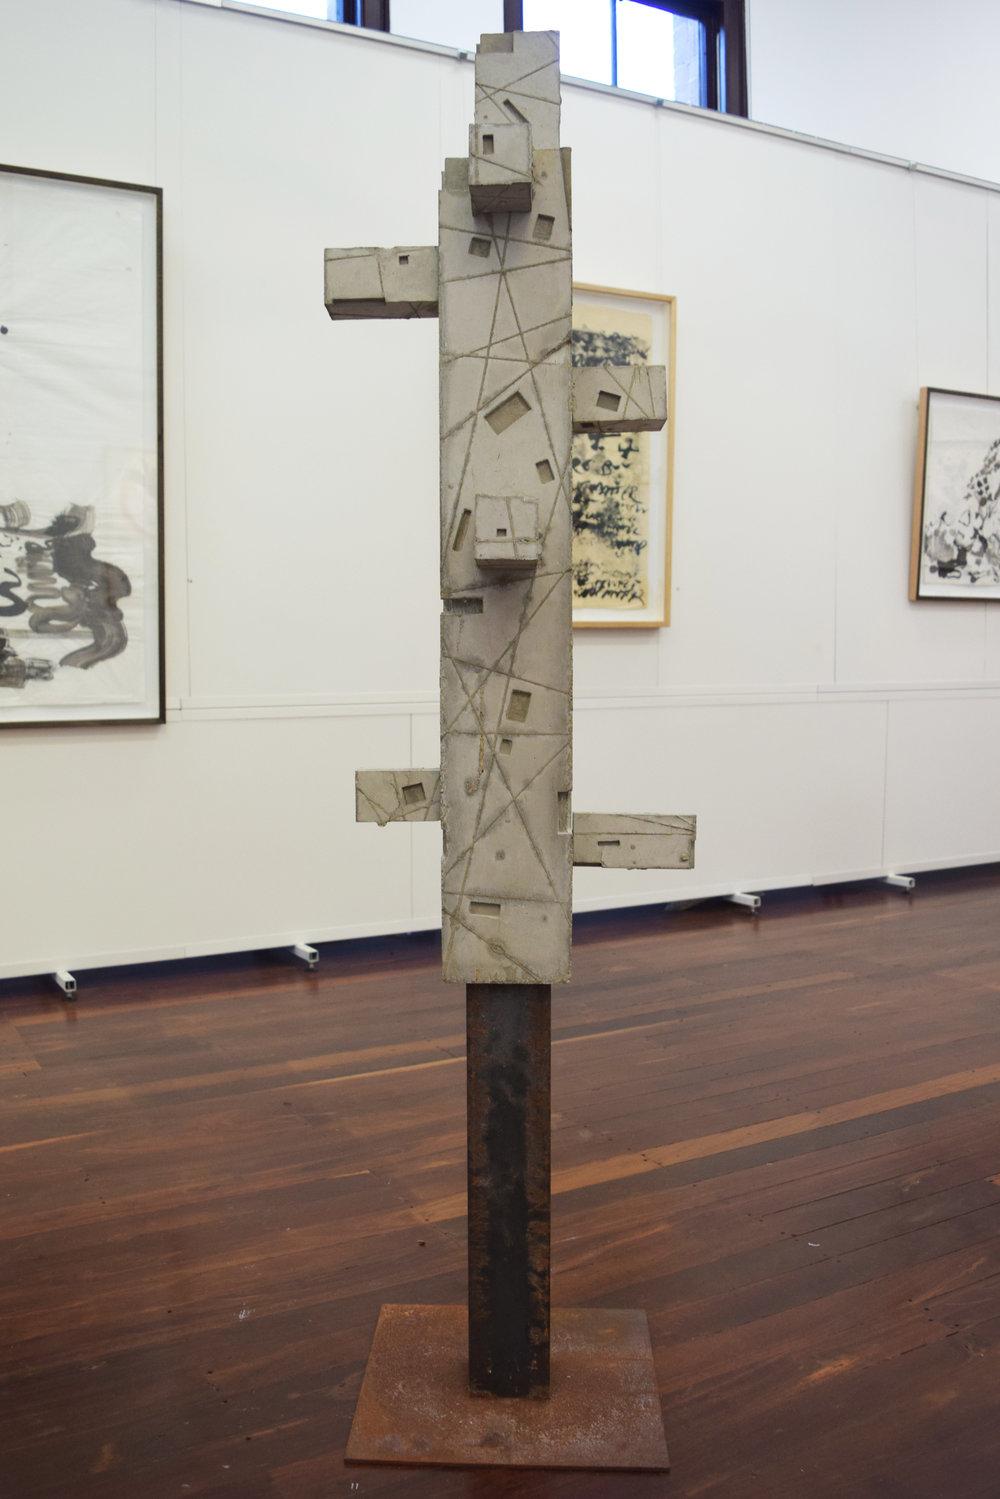 11. William Leggett,  Monument 4 , 2018, concrete and steel, 30 x 30 x 182 cm $1,200